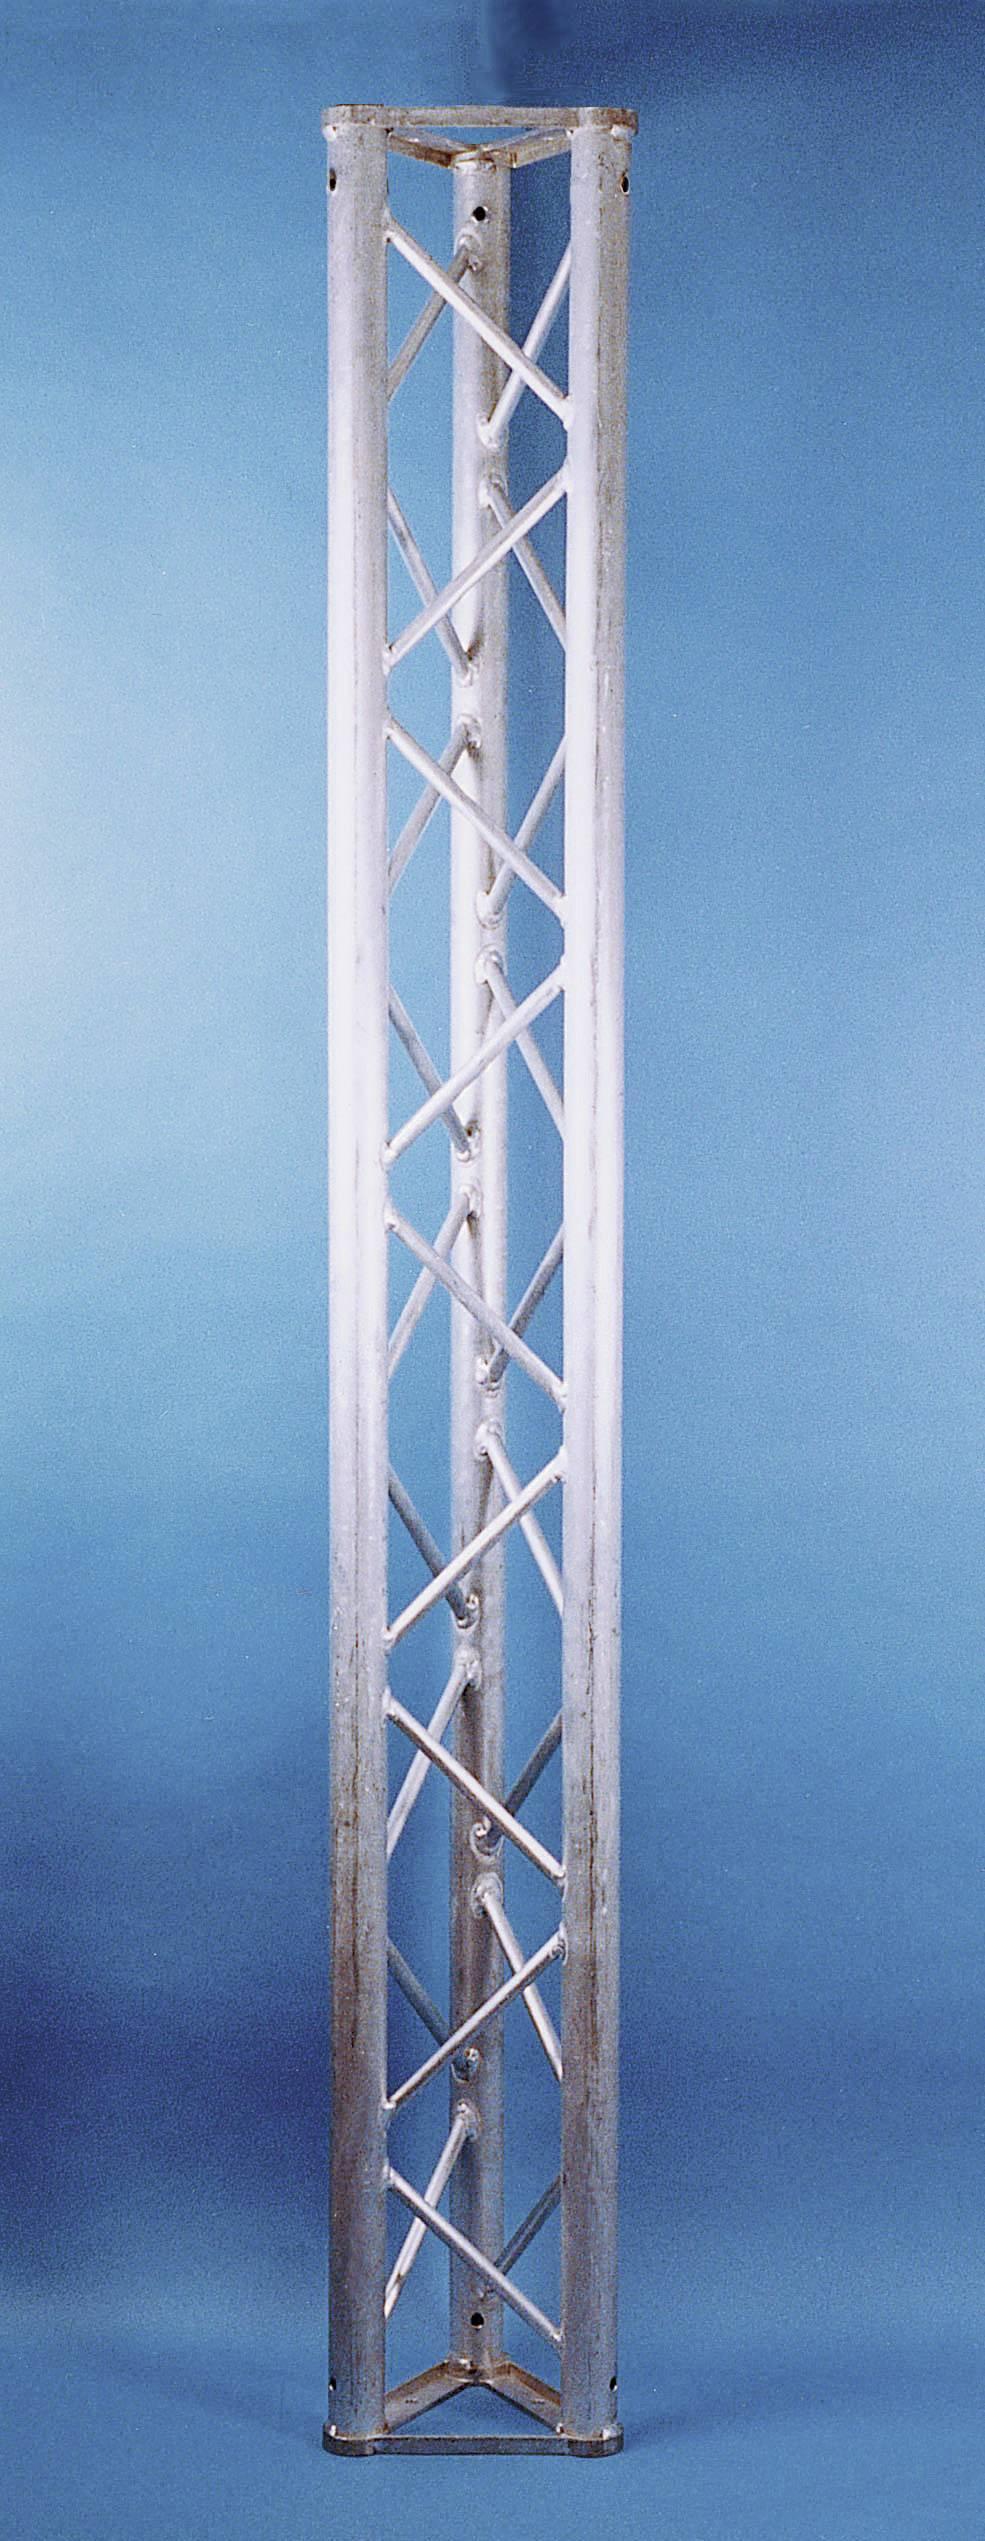 3-bodová rampa Alutruss TRISYSTEM PST-3000 6020460B, 300 cm